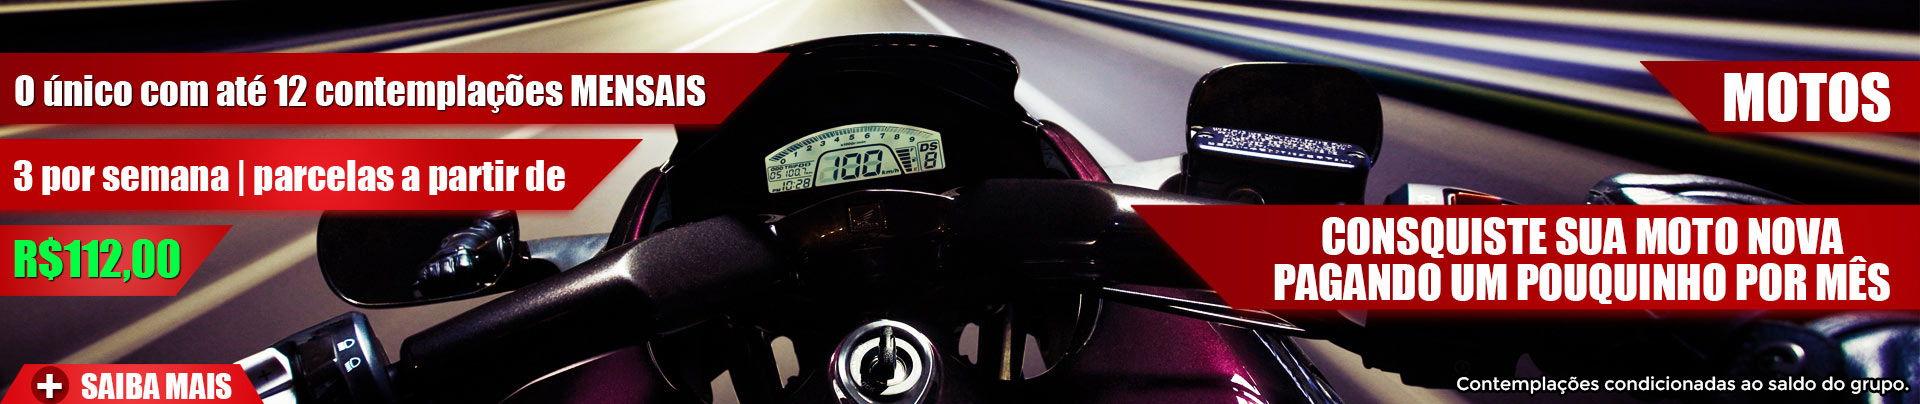 Consorcio Motos